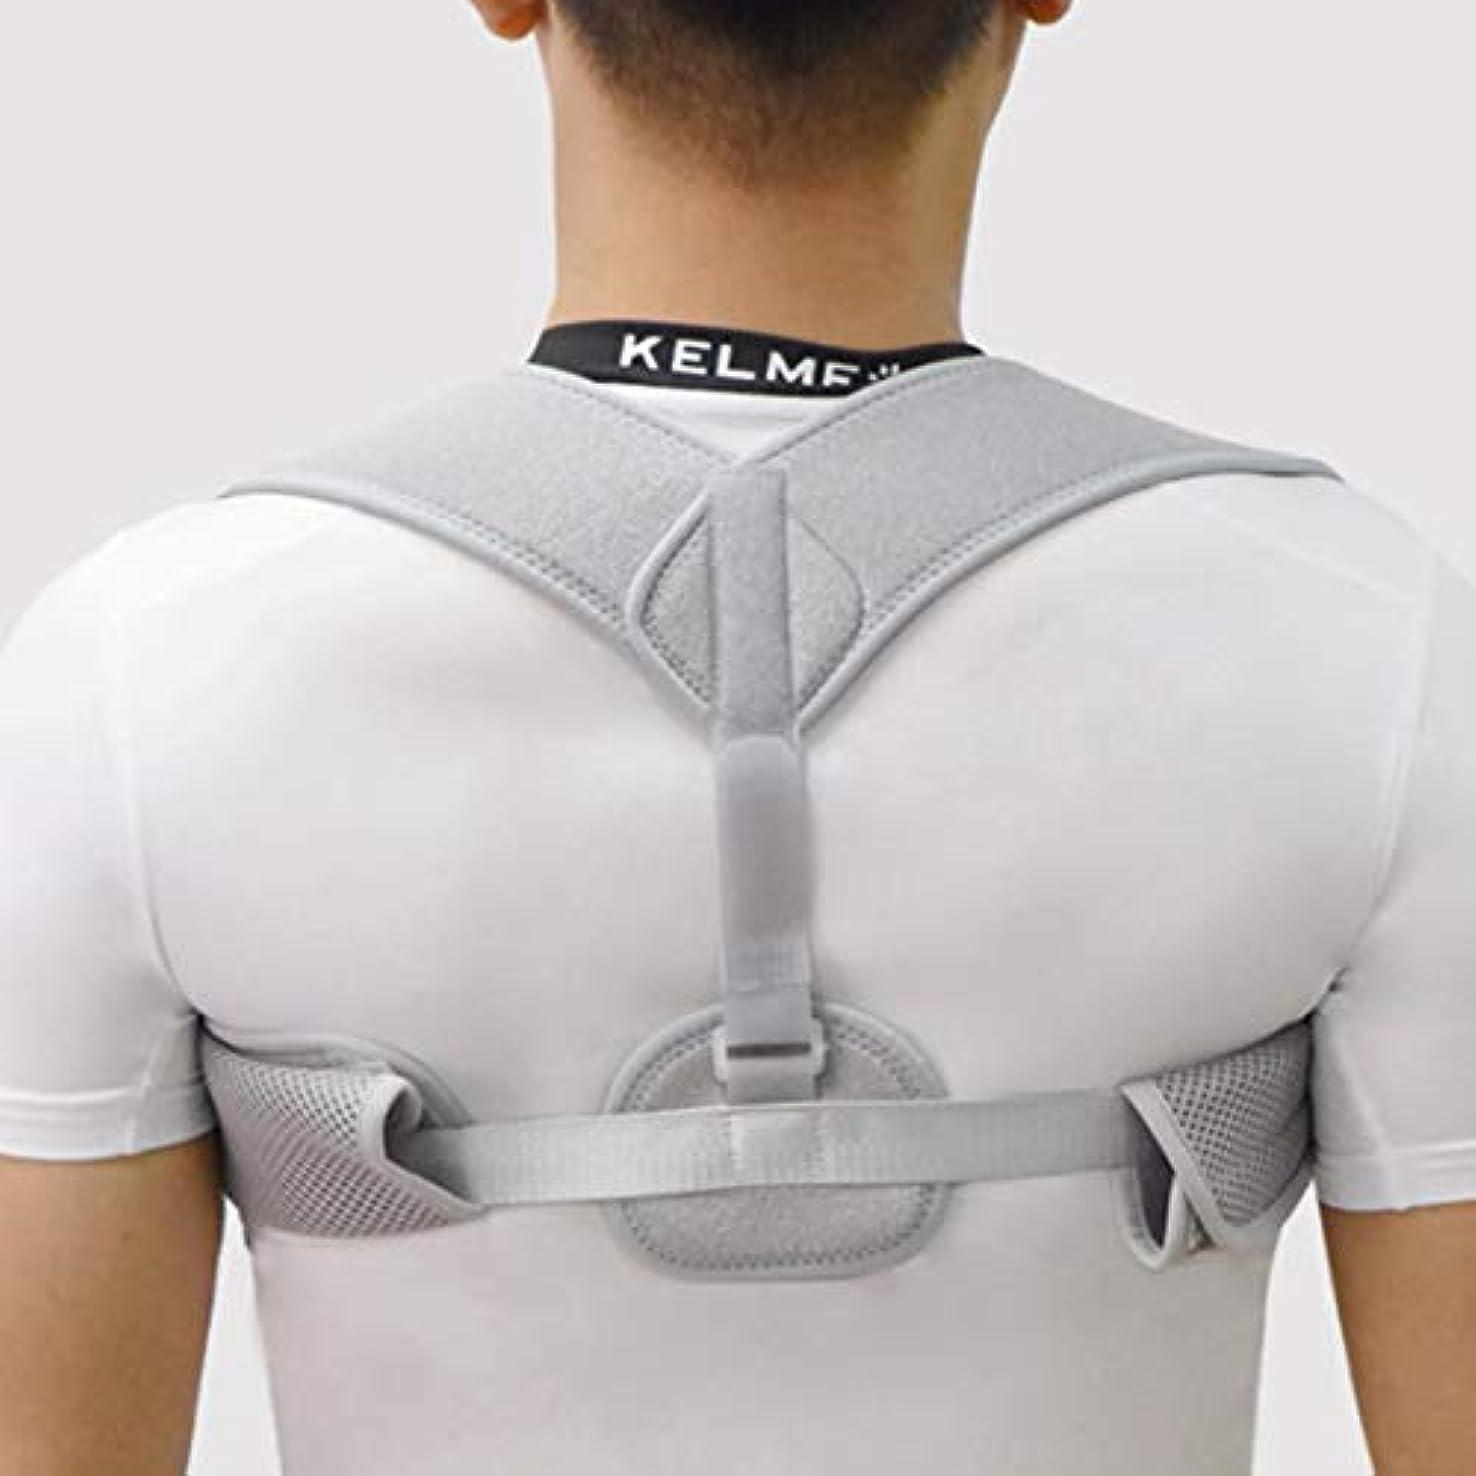 パプアニューギニア強化する綺麗な新しいアッパーバックポスチャーコレクター姿勢鎖骨サポートコレクターバックストレート肩ブレースストラップコレクター耐久性 - グレー